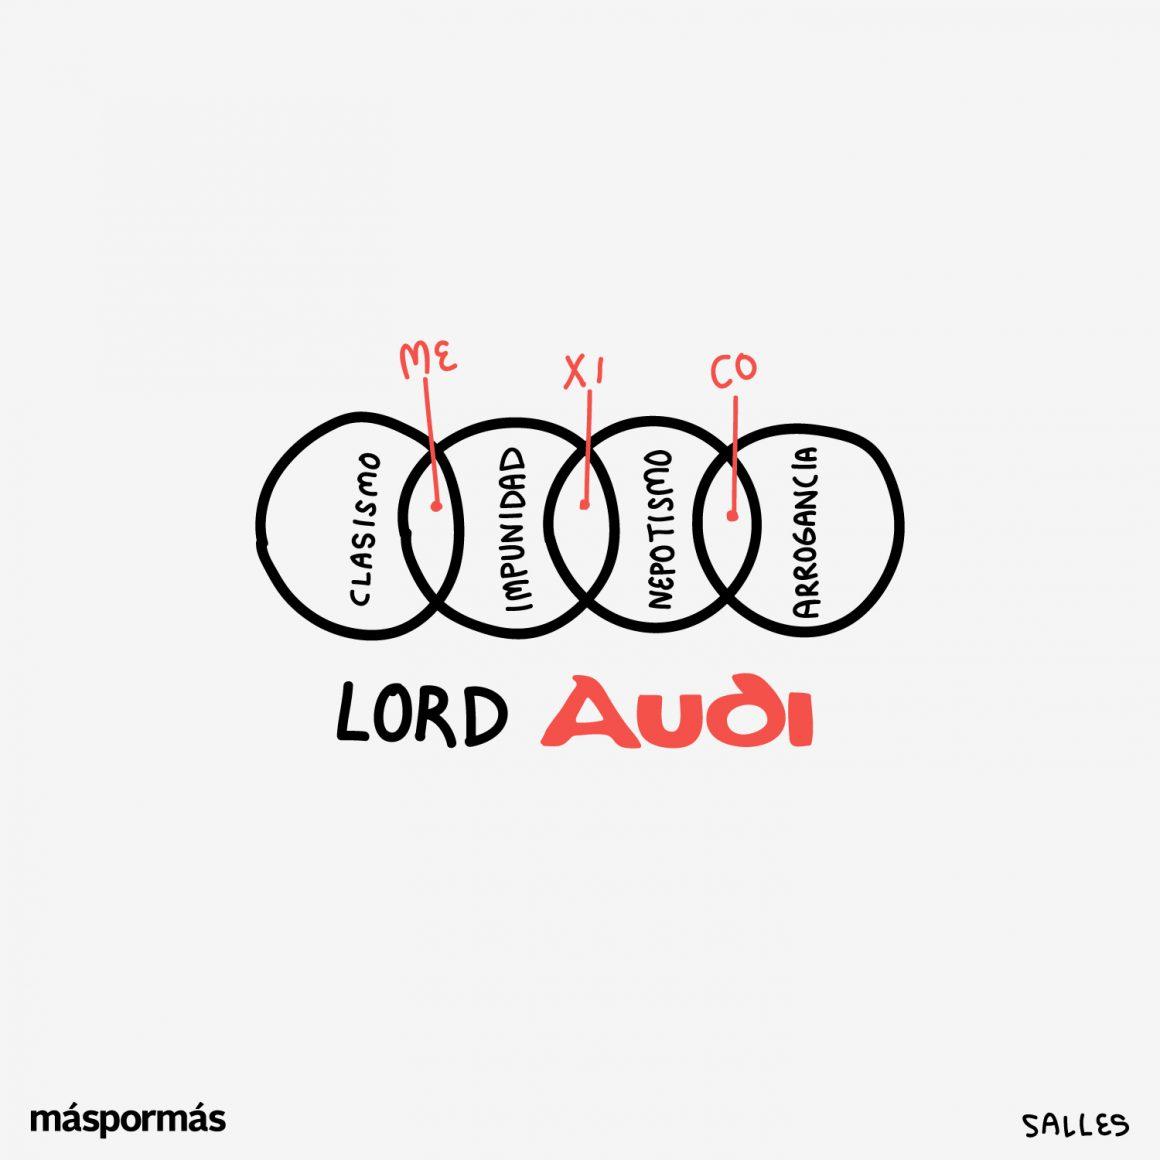 lordaudi